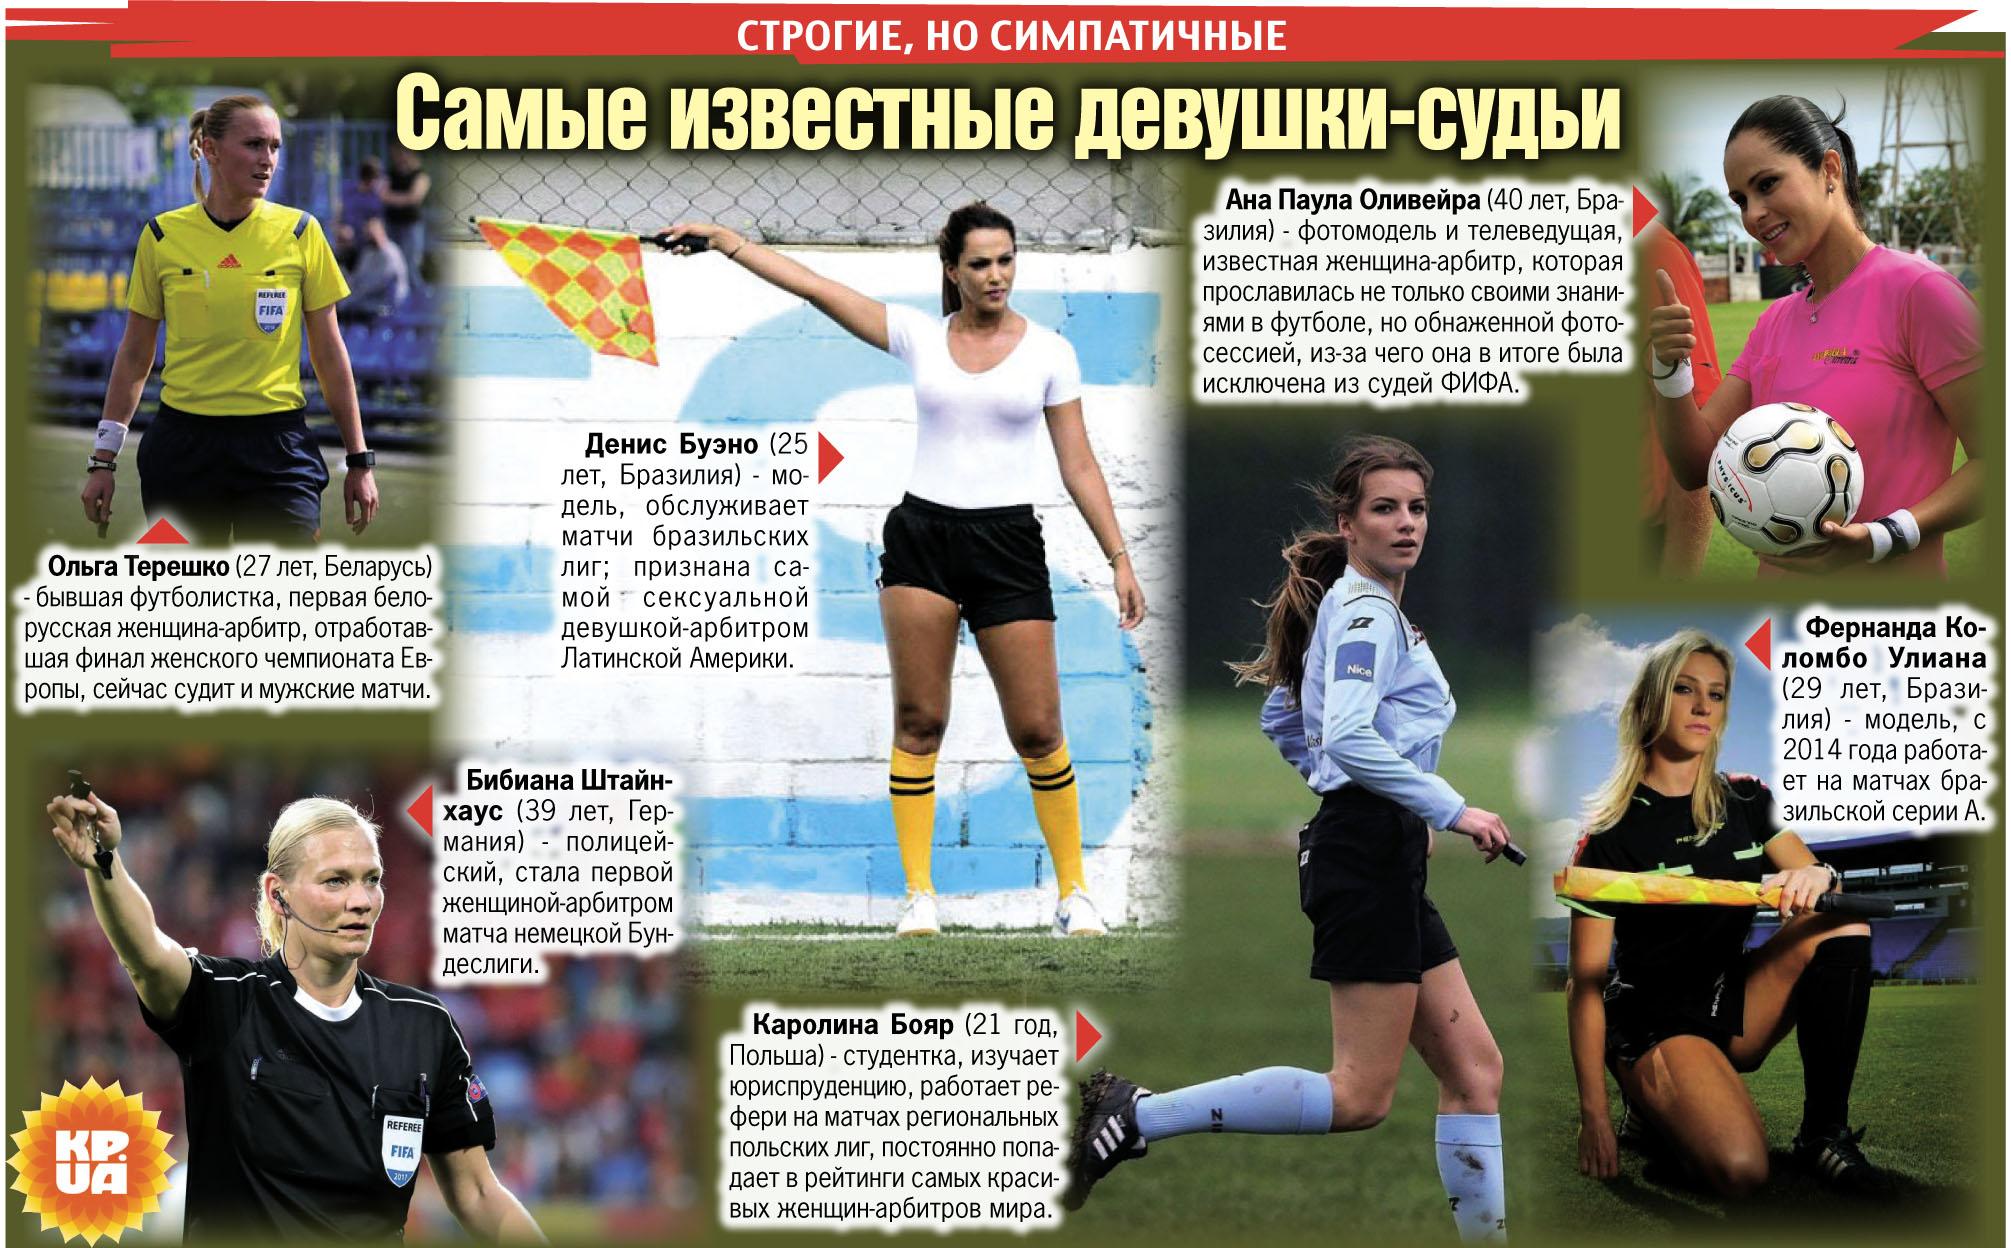 Немецкие футболисты до 21 года